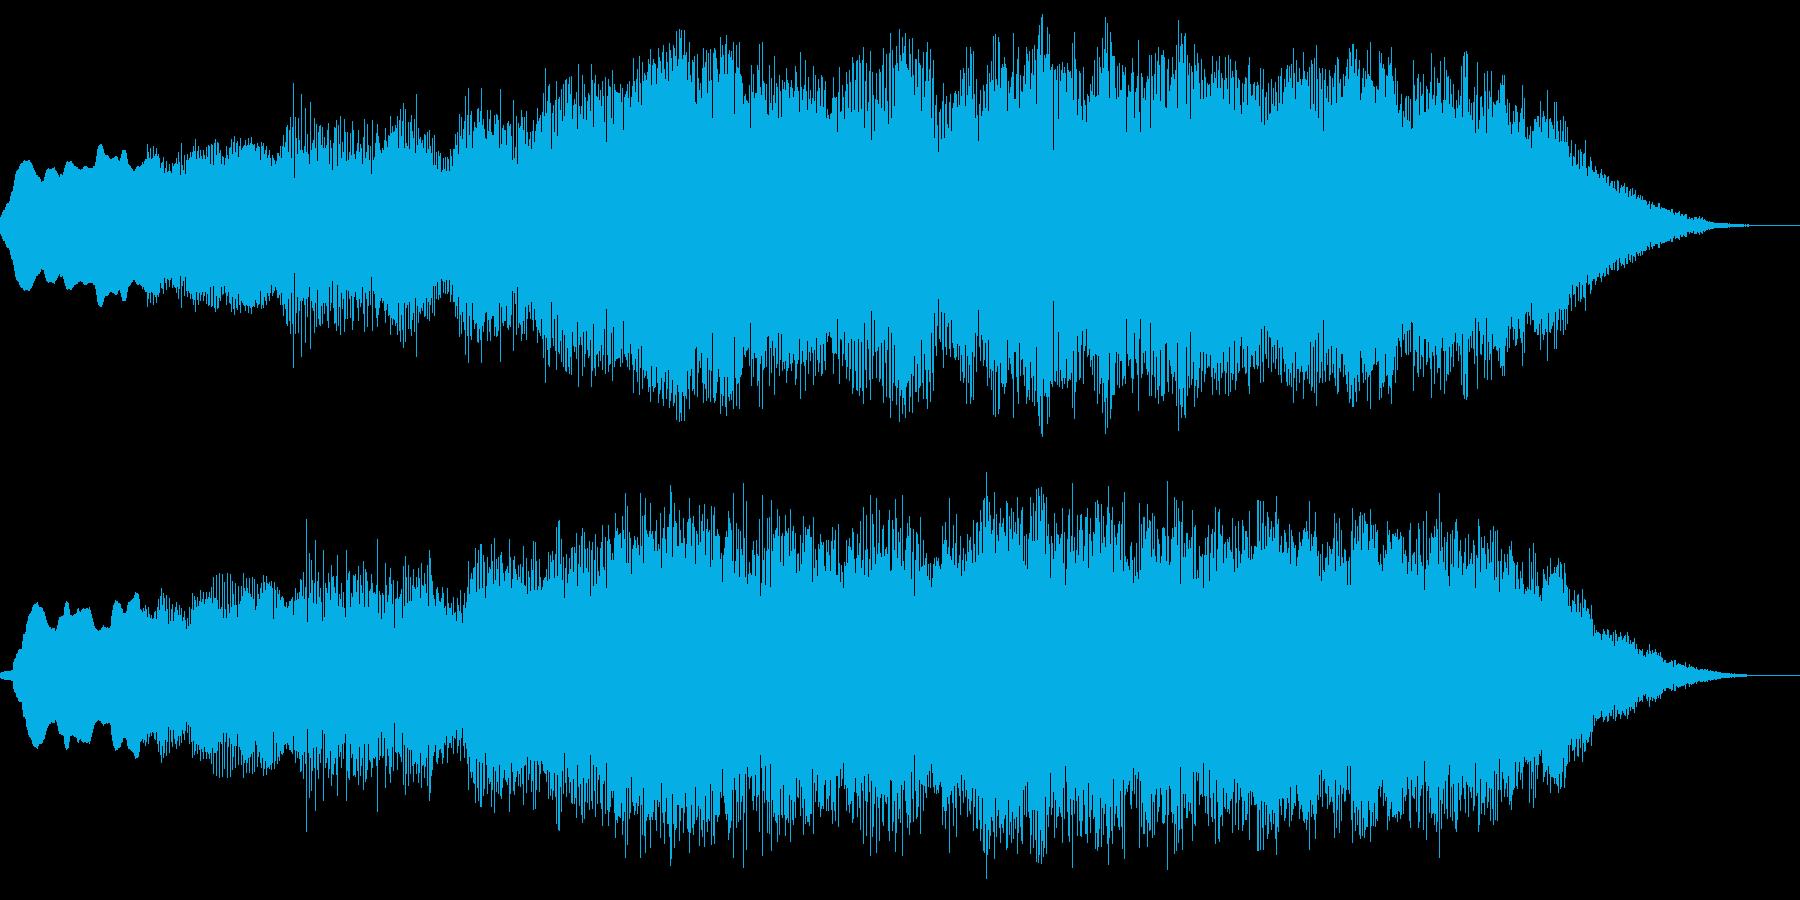 達成感のある管楽器によるジングルの再生済みの波形